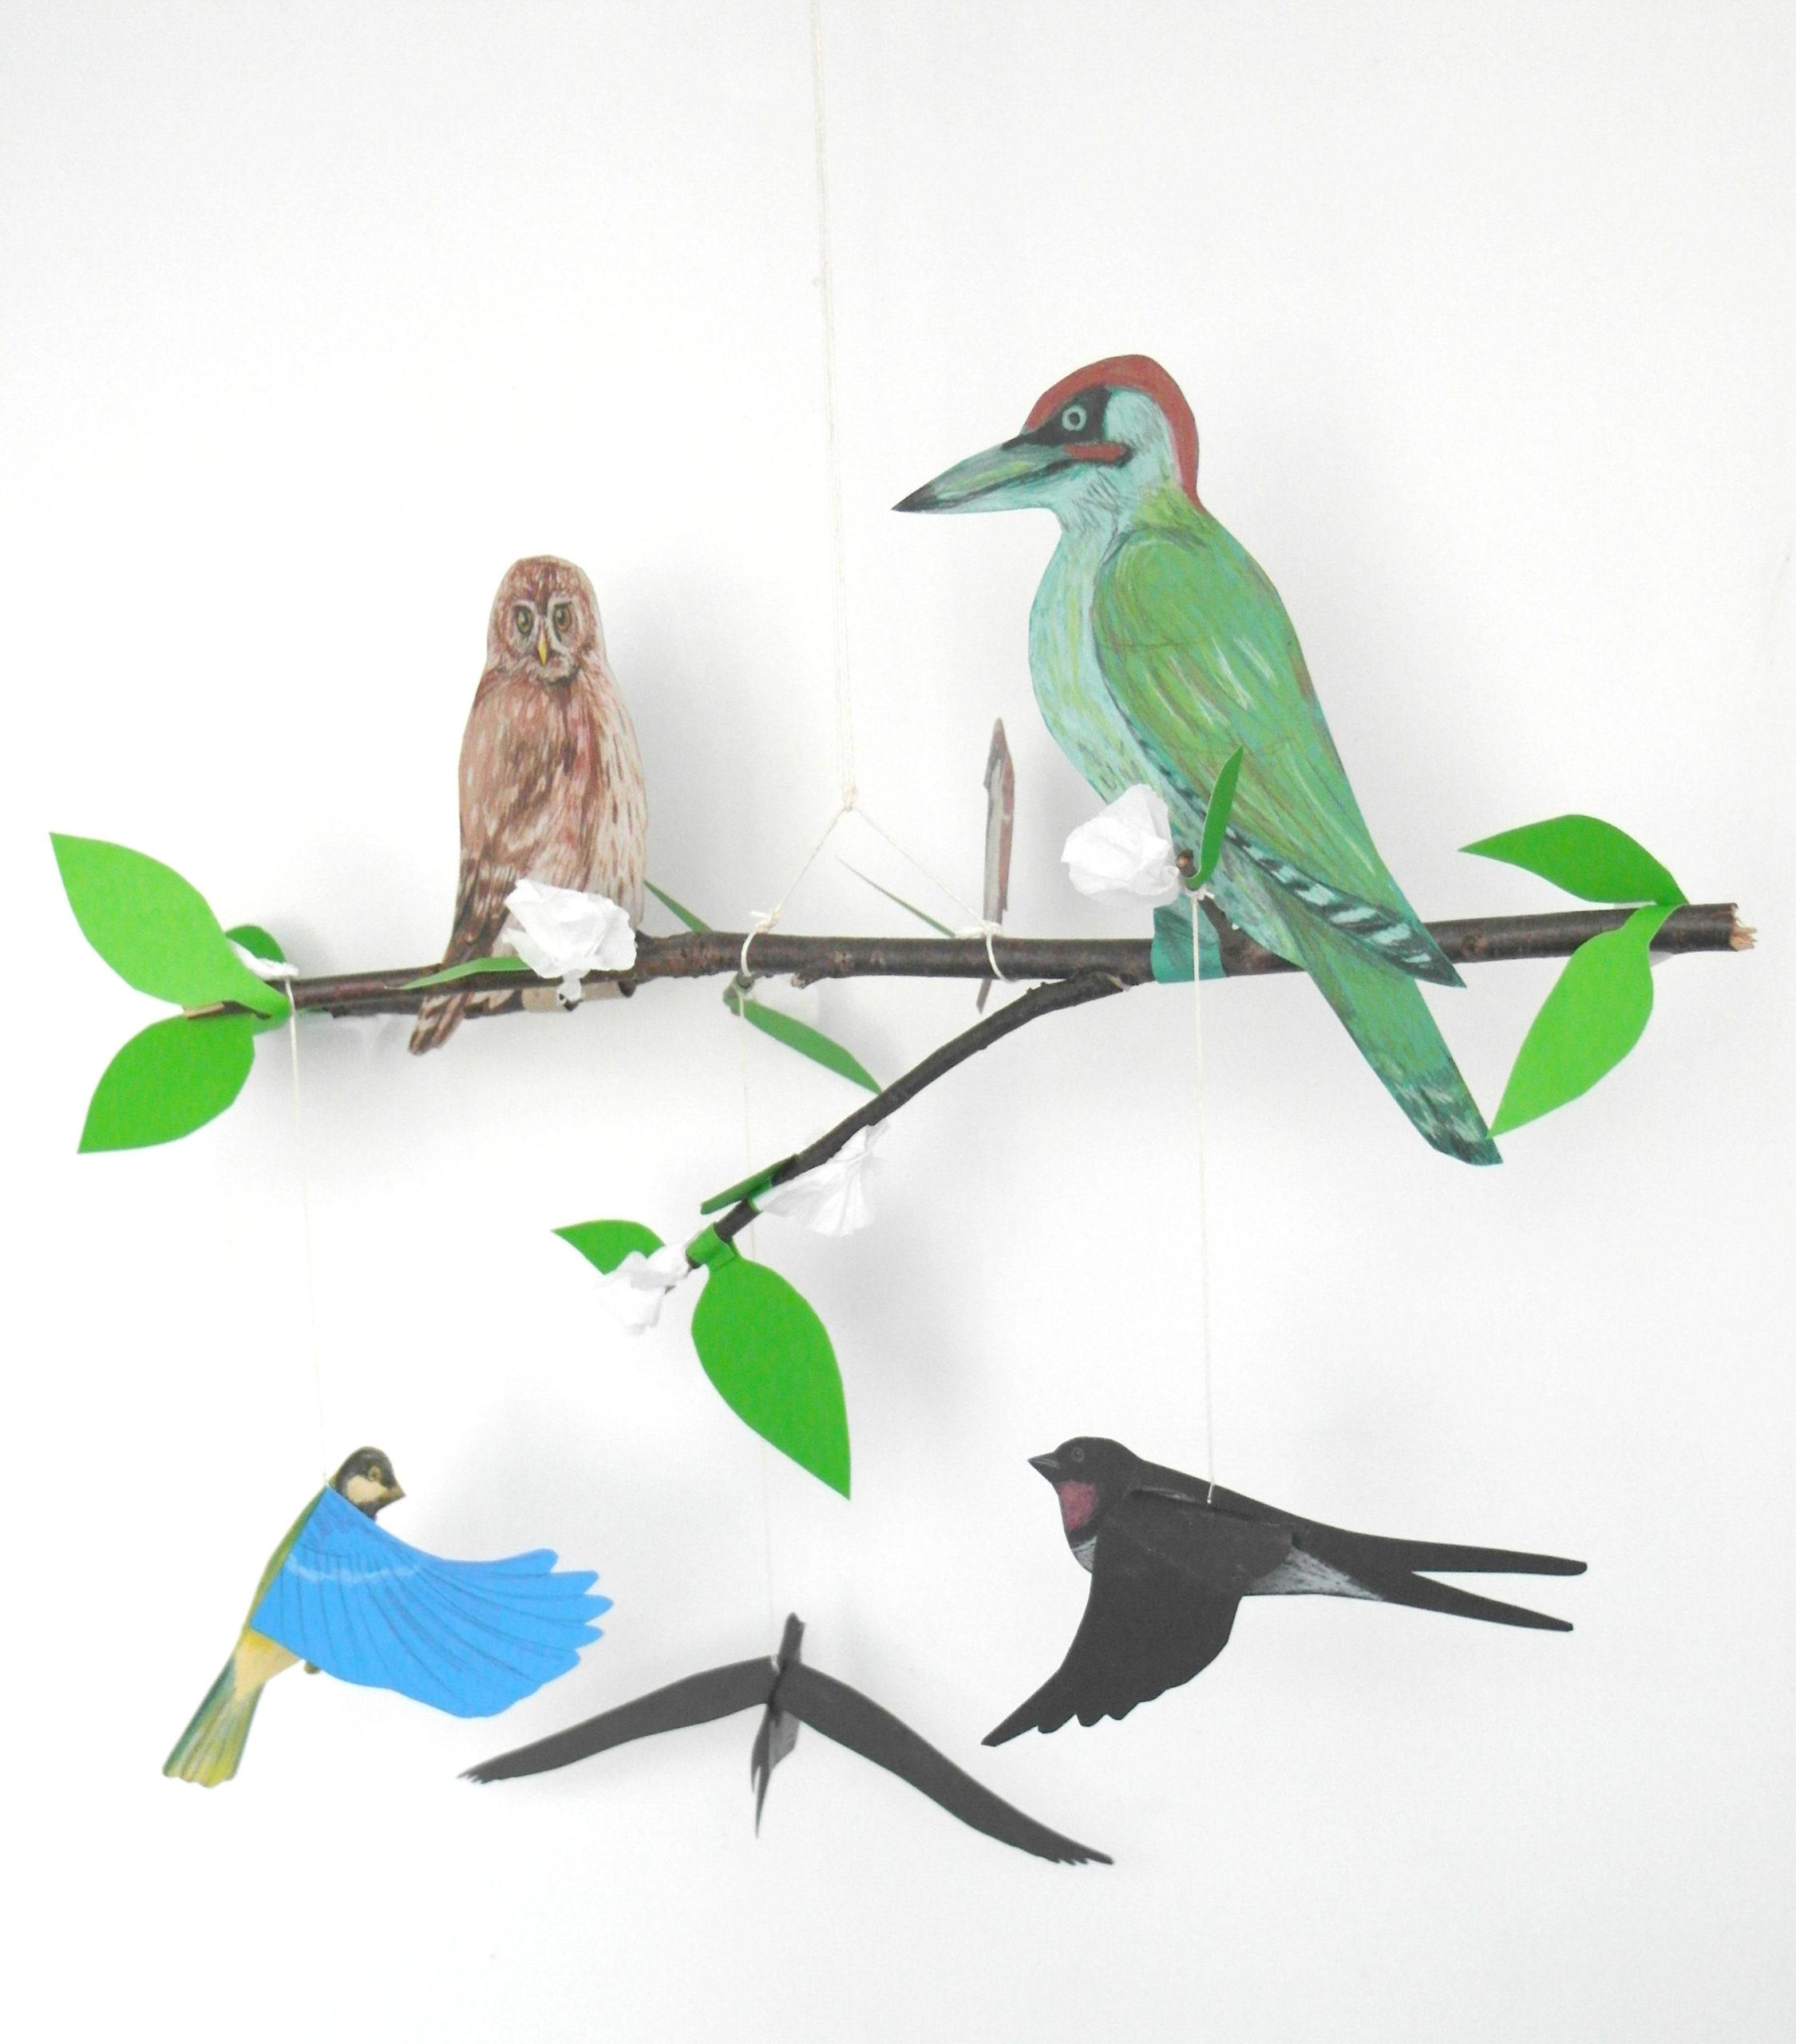 Ptaki siedzące na gałązce.